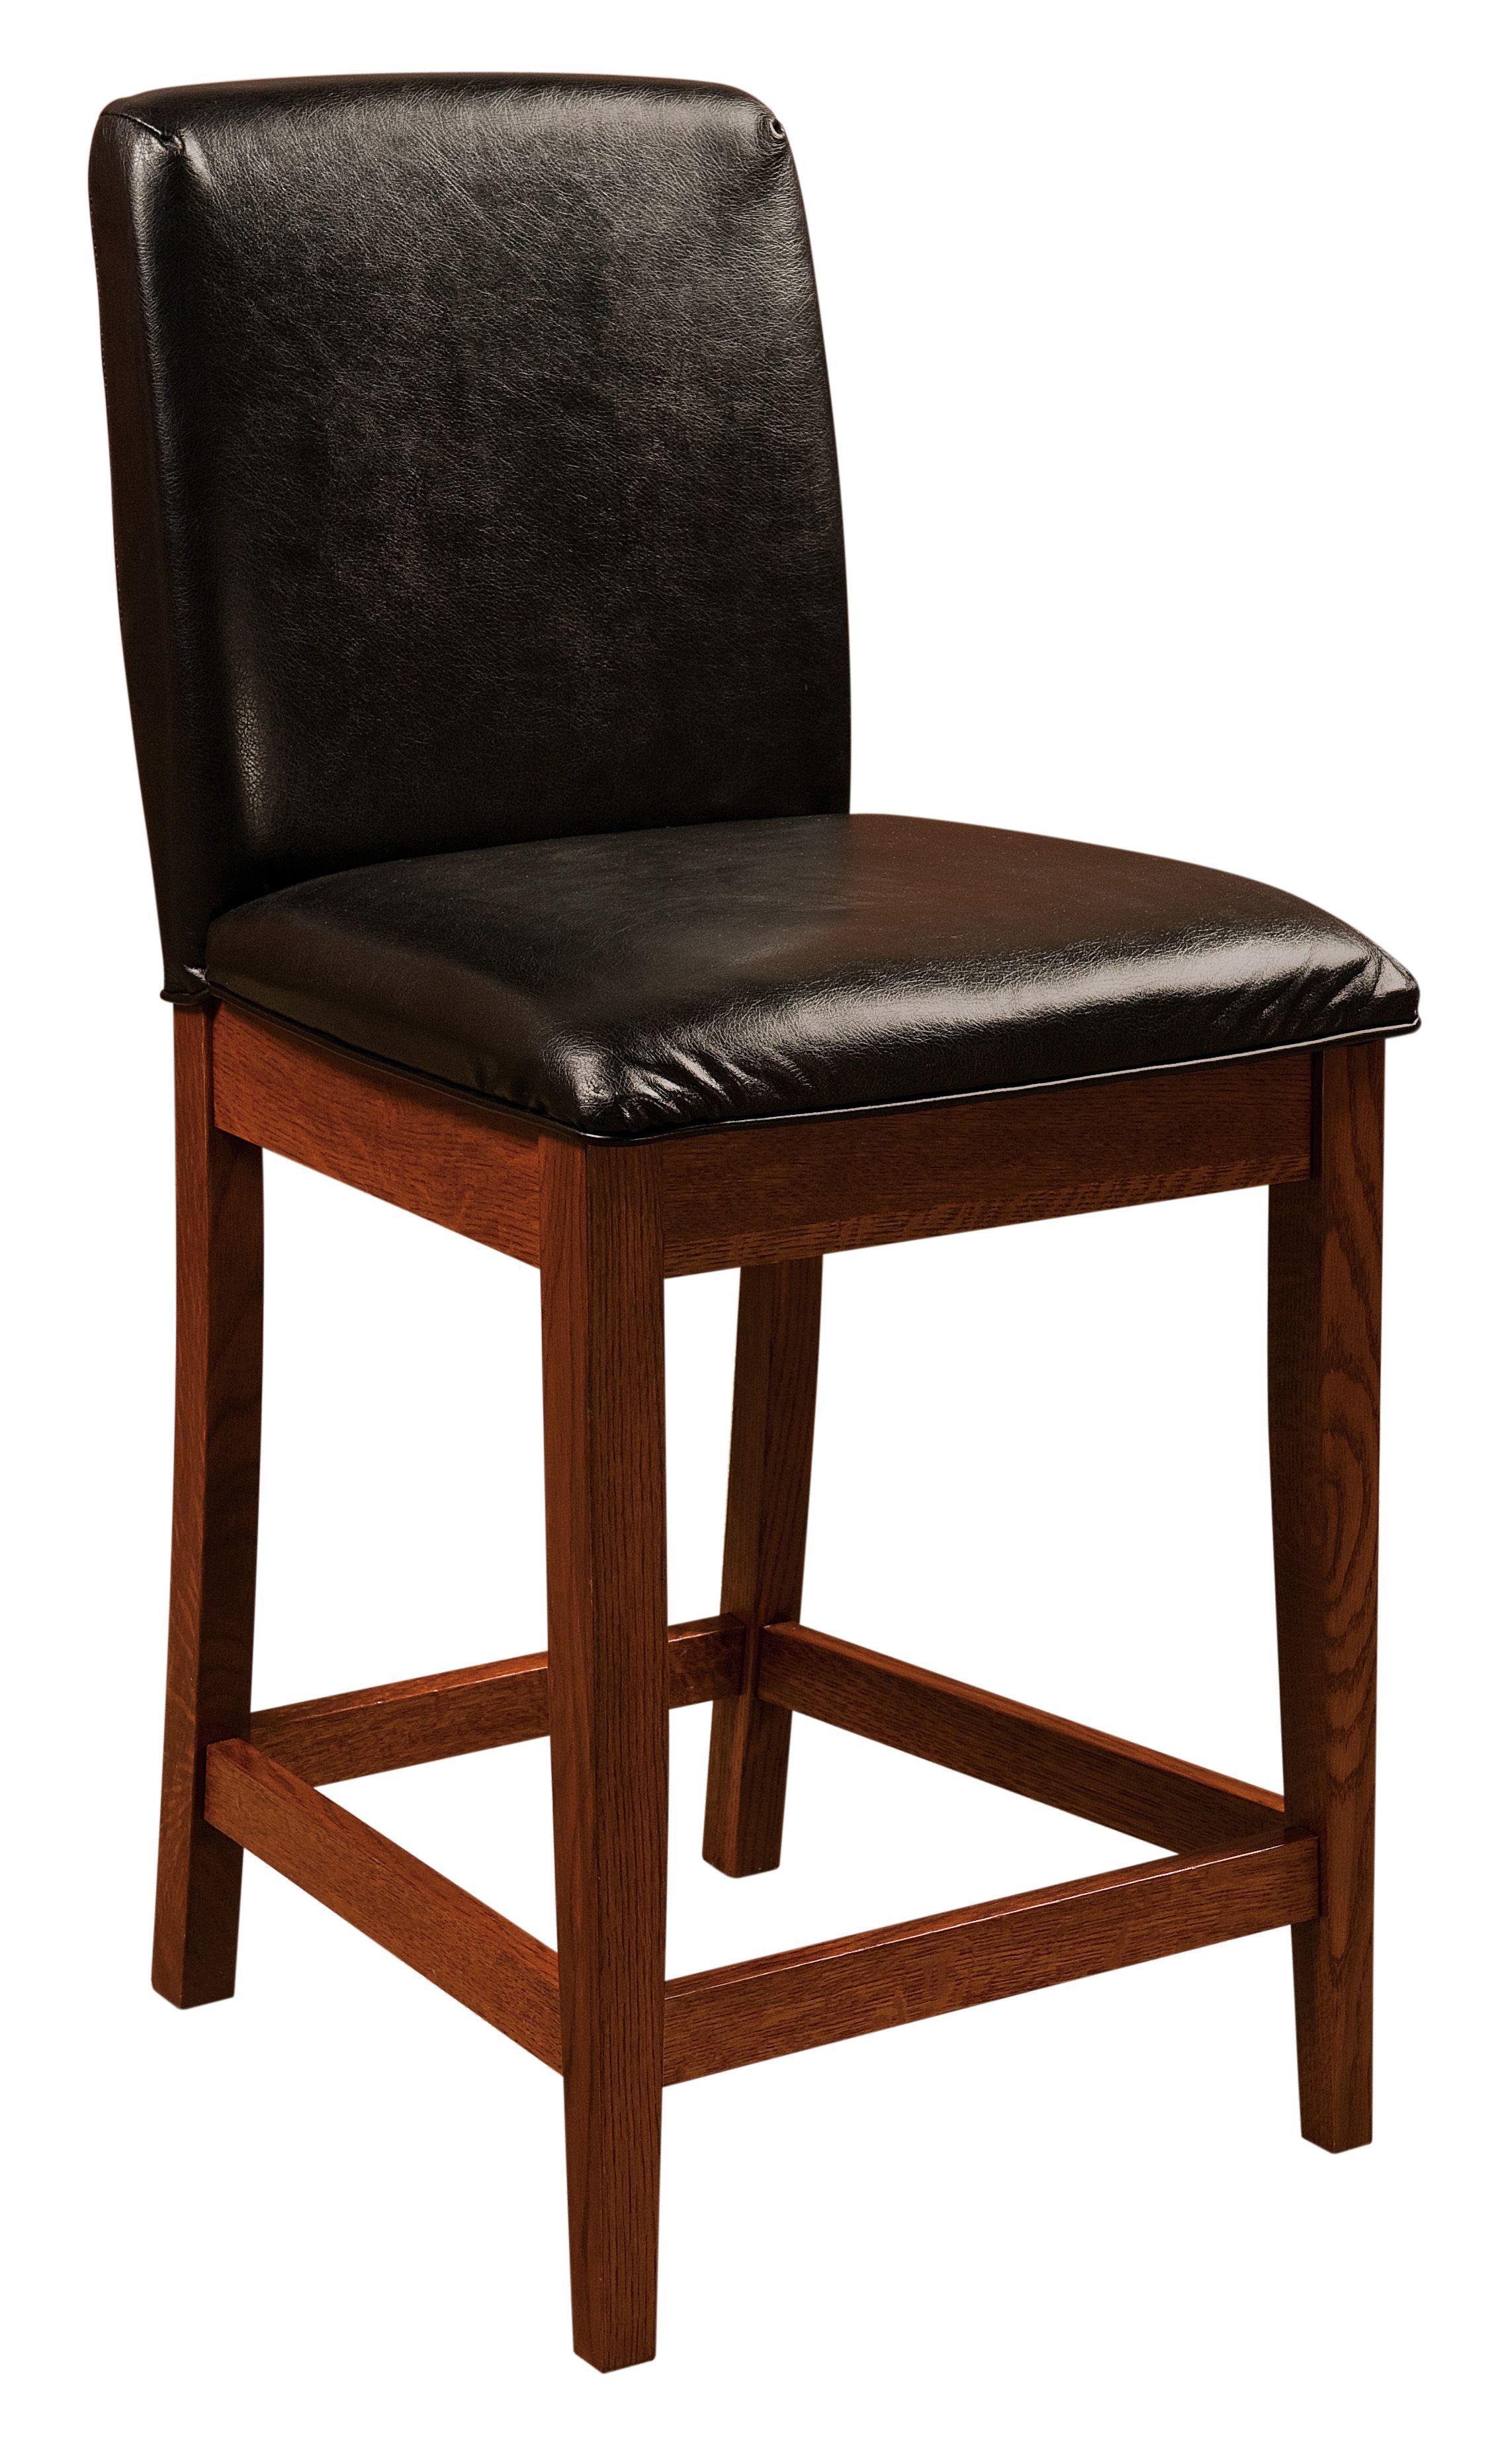 Bar Chairs Parson Bar Chair at Williams & Kay